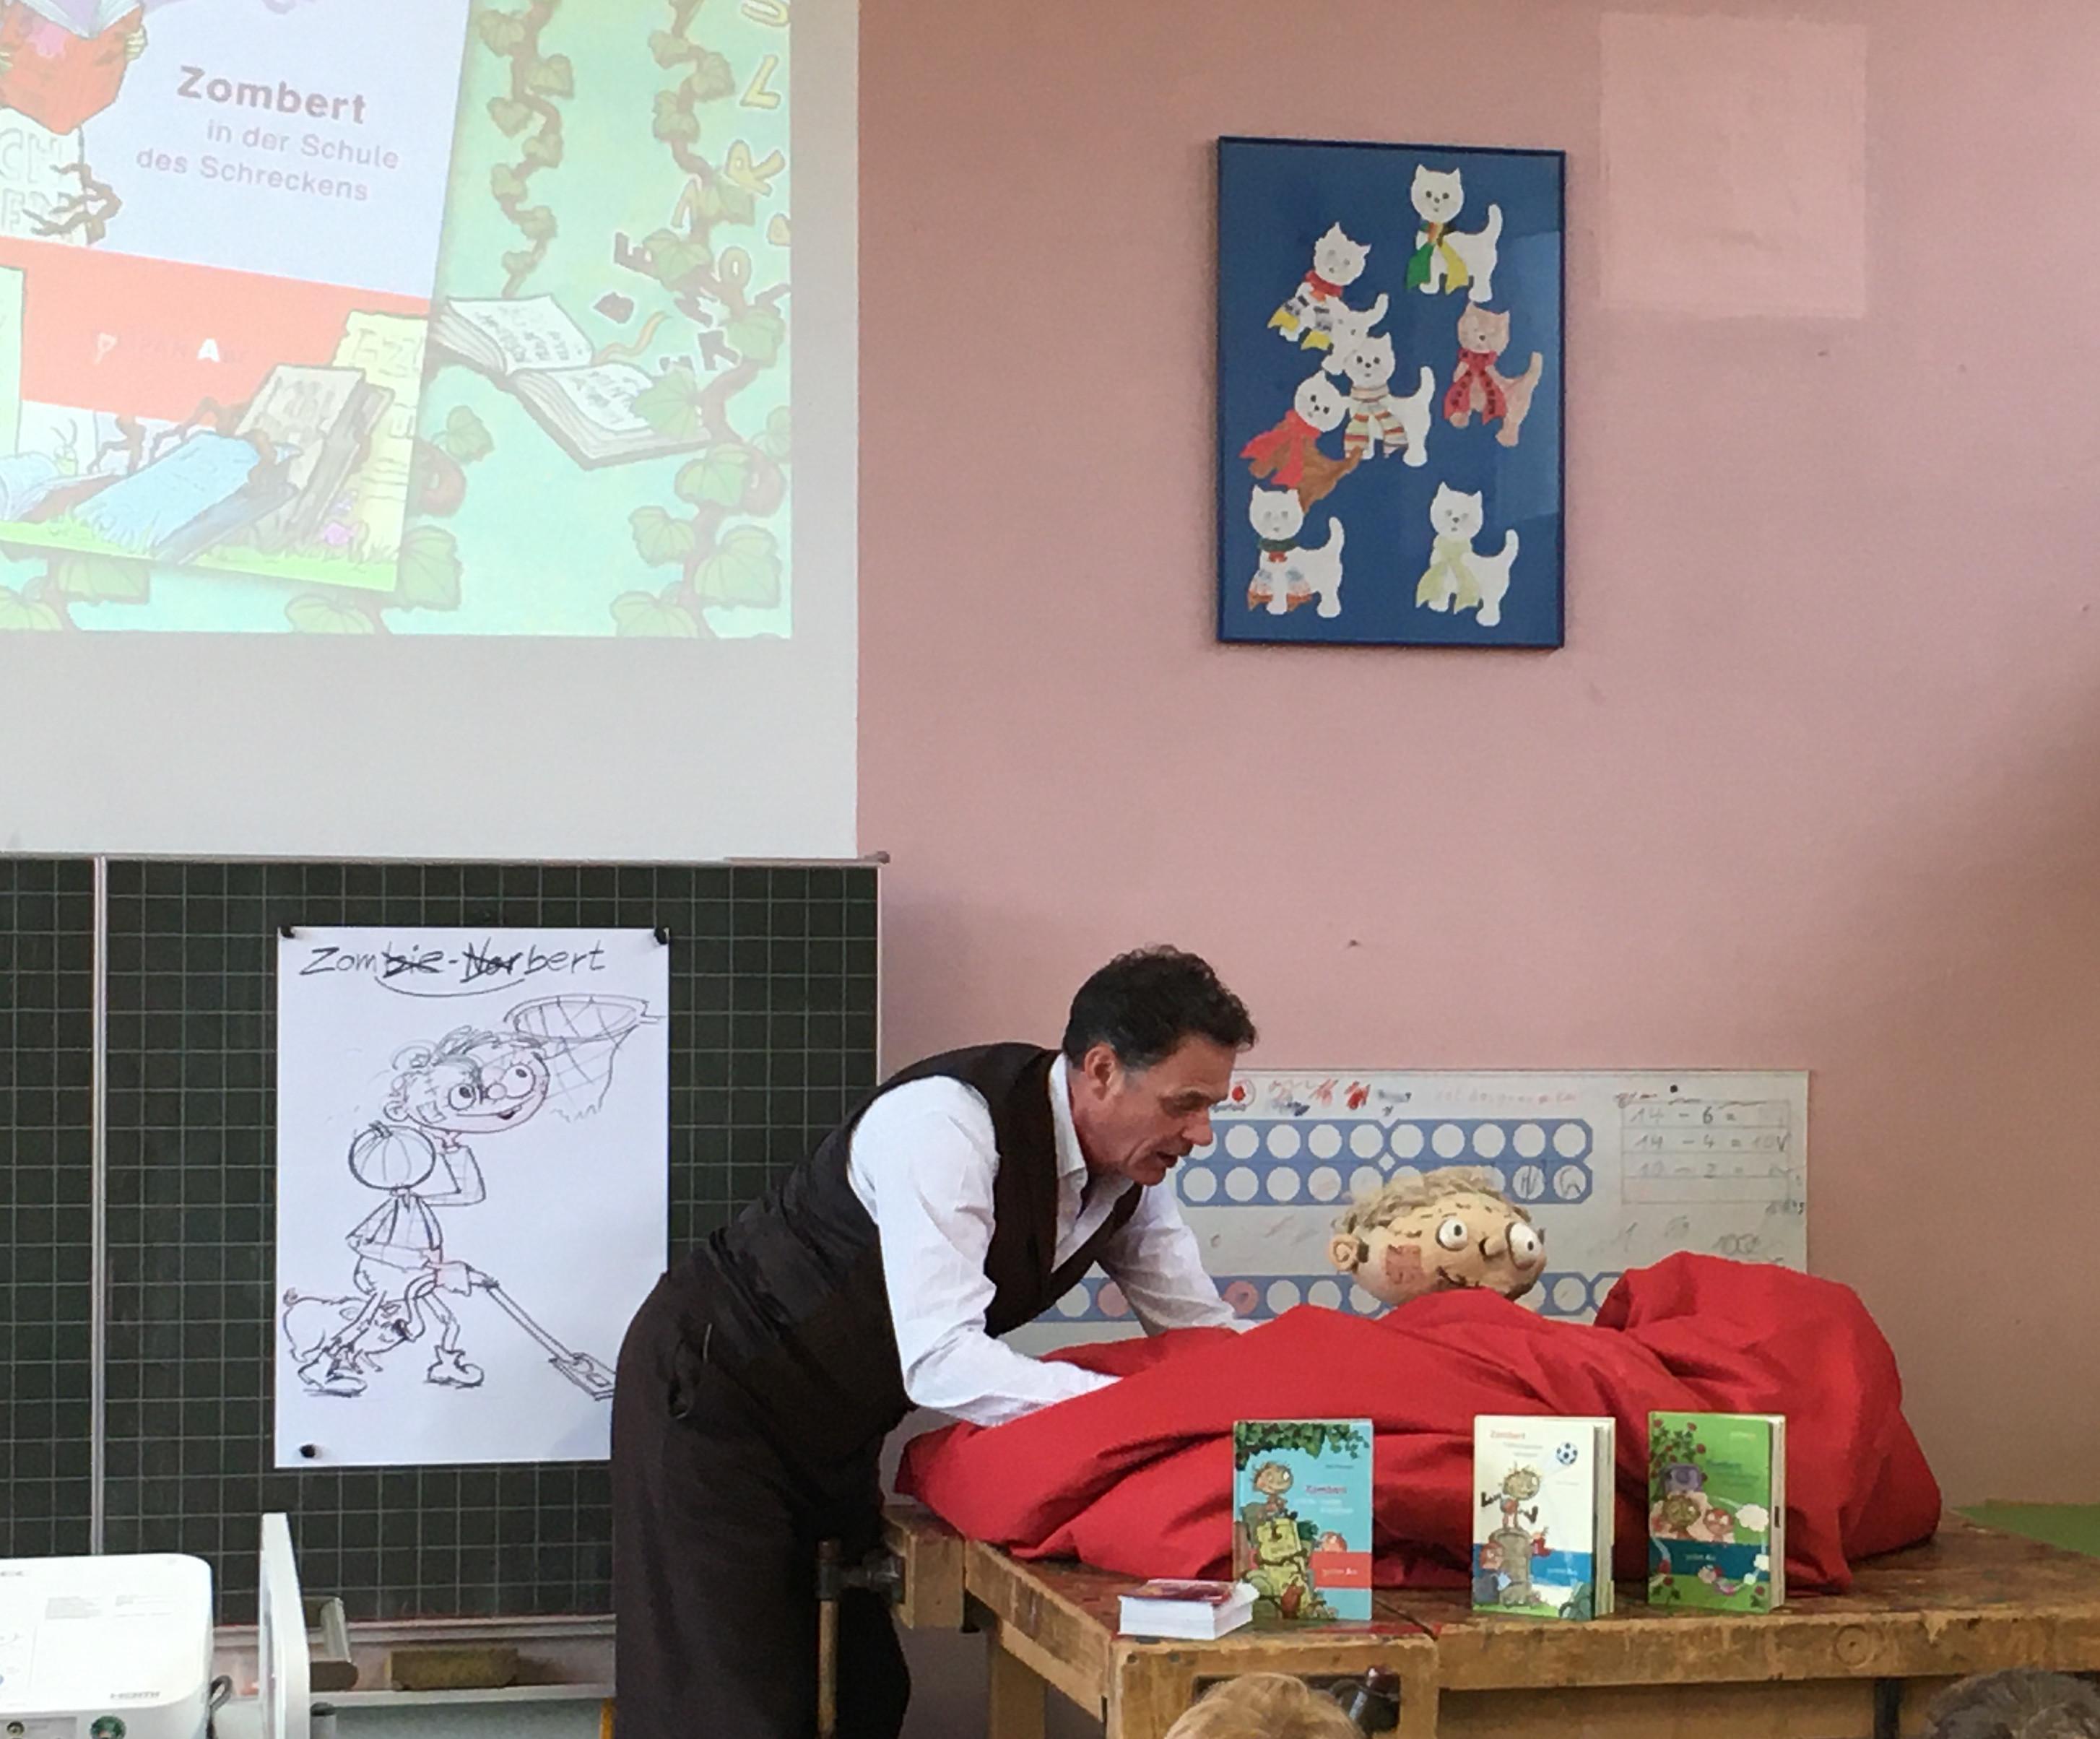 Kai Pannen, Kinderbuchautor, liest in der Grundschule Dertingen aus seinem Buch Zombert und zeigt Zombert-Puppe